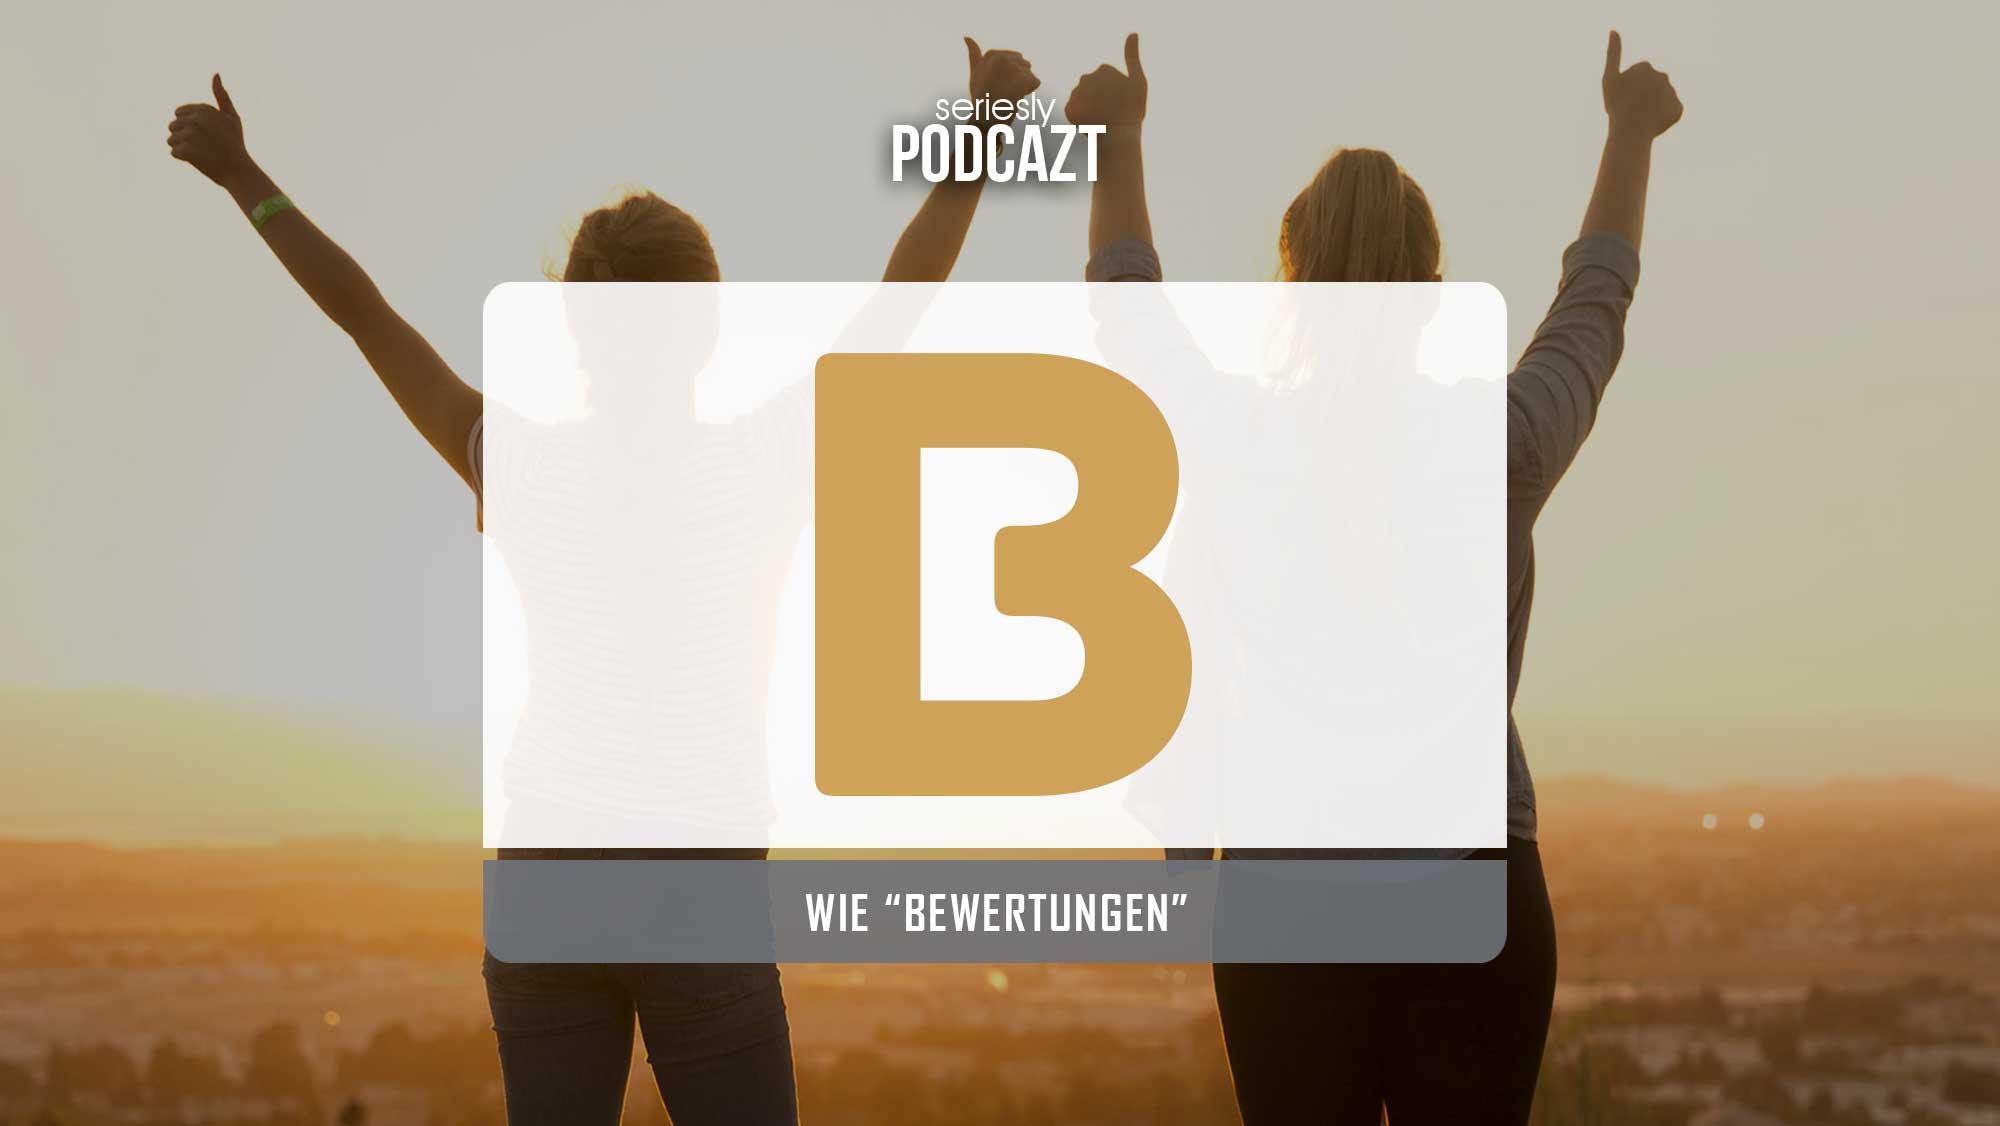 Podcast über die Bewertungen von Fernsehserien